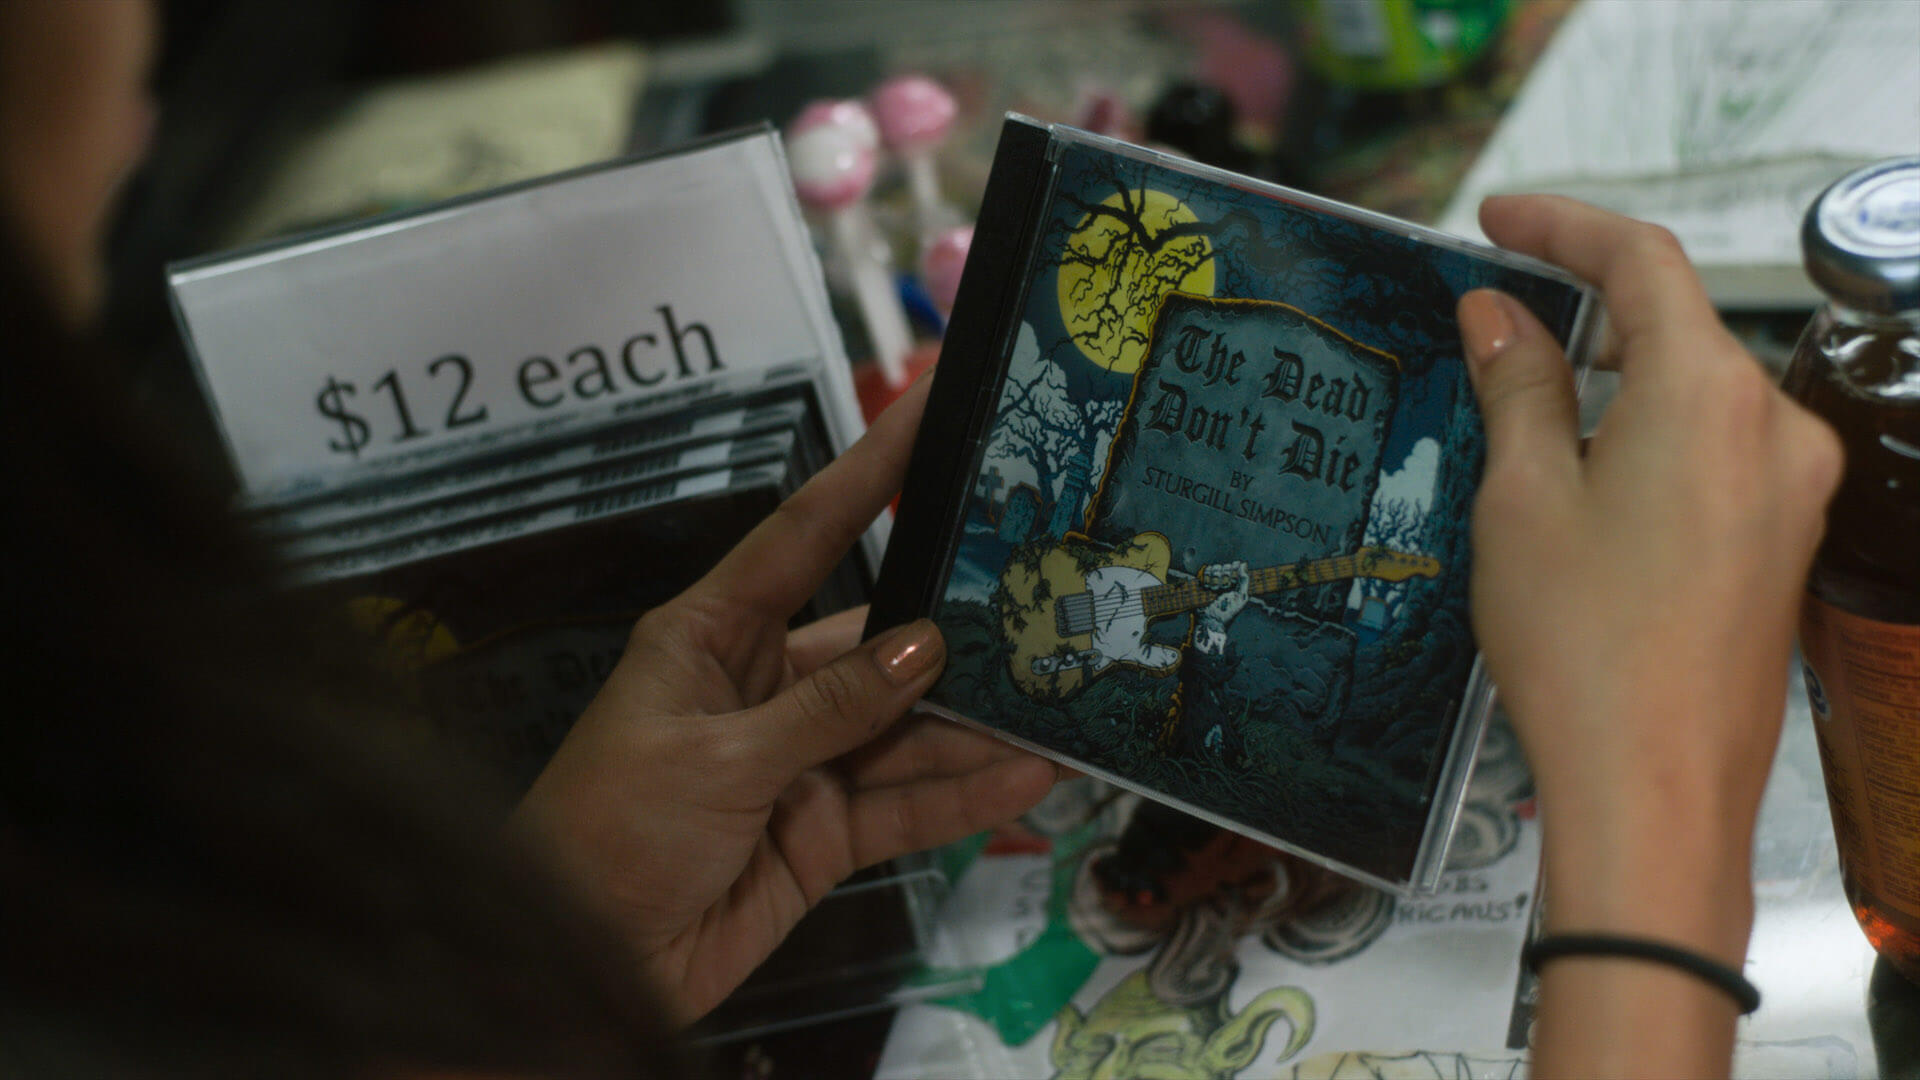 セレーナ・ゴメスが大好きな曲とは?映画『デッド・ドント・ダイ』スタージル・シンプソンのCDが登場する本編映像&新画像が解禁 film200313_deaddontdie_03